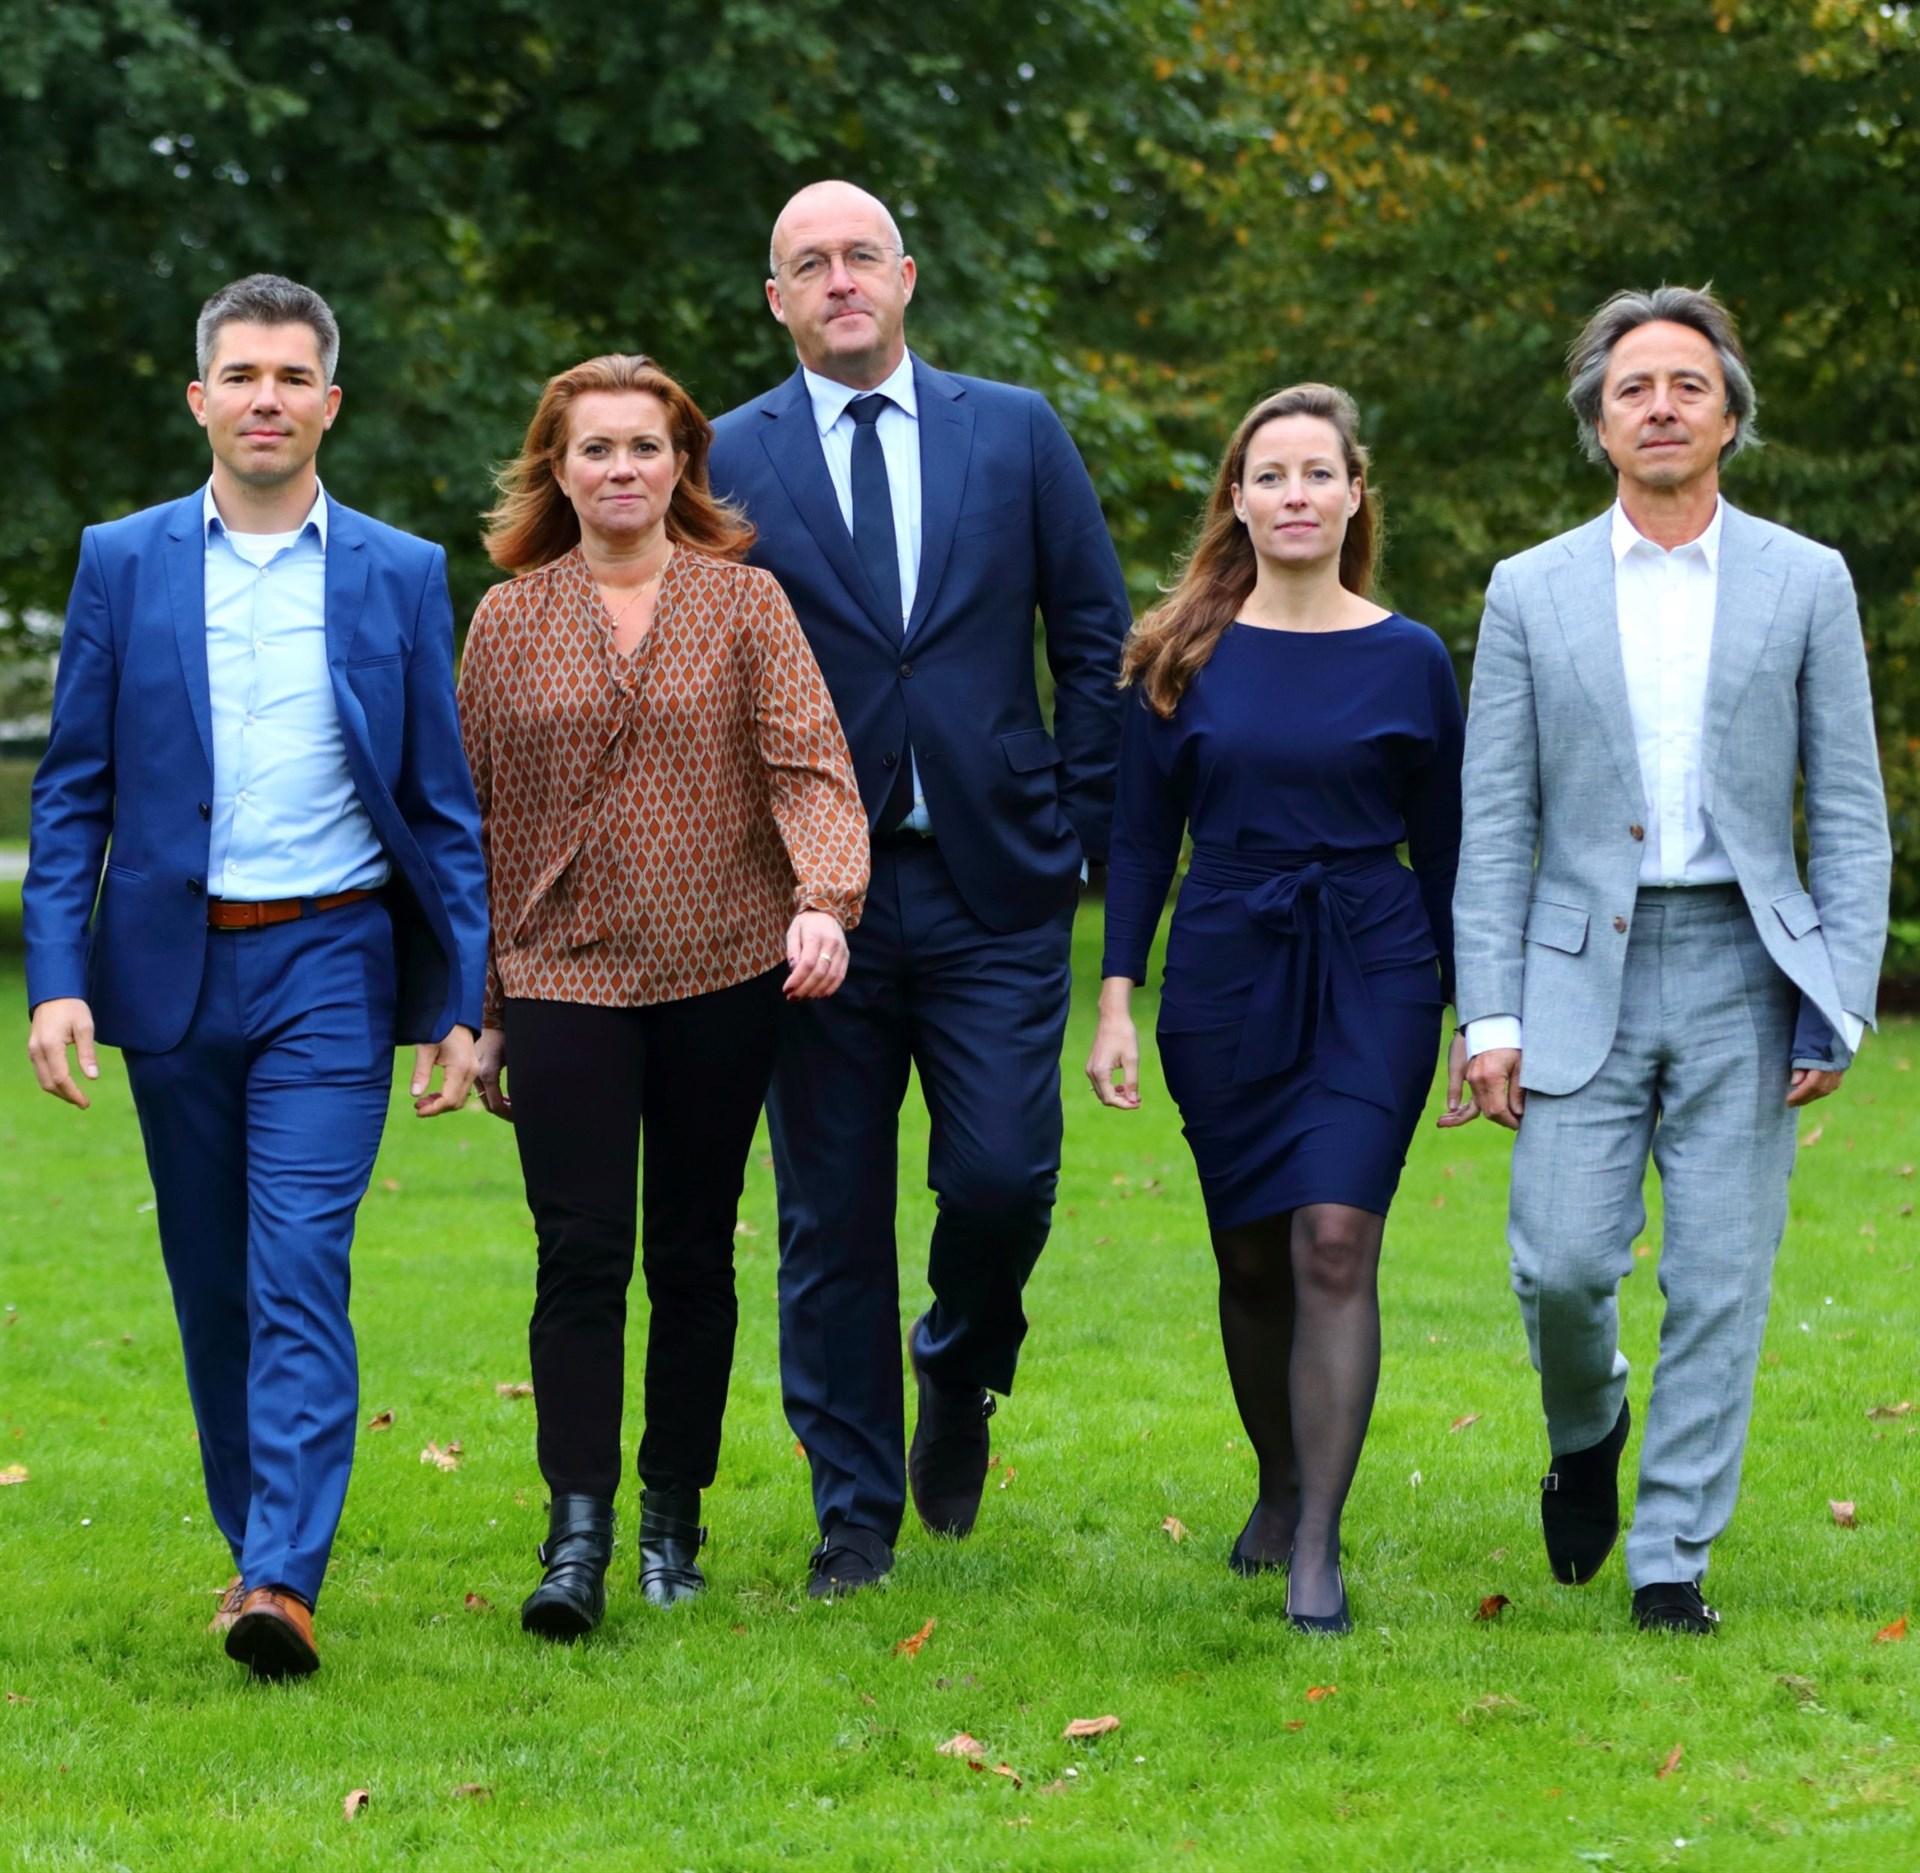 Mea Vota Uitvaartverzorging Amsterdam Diemen Amstelveen - kopie